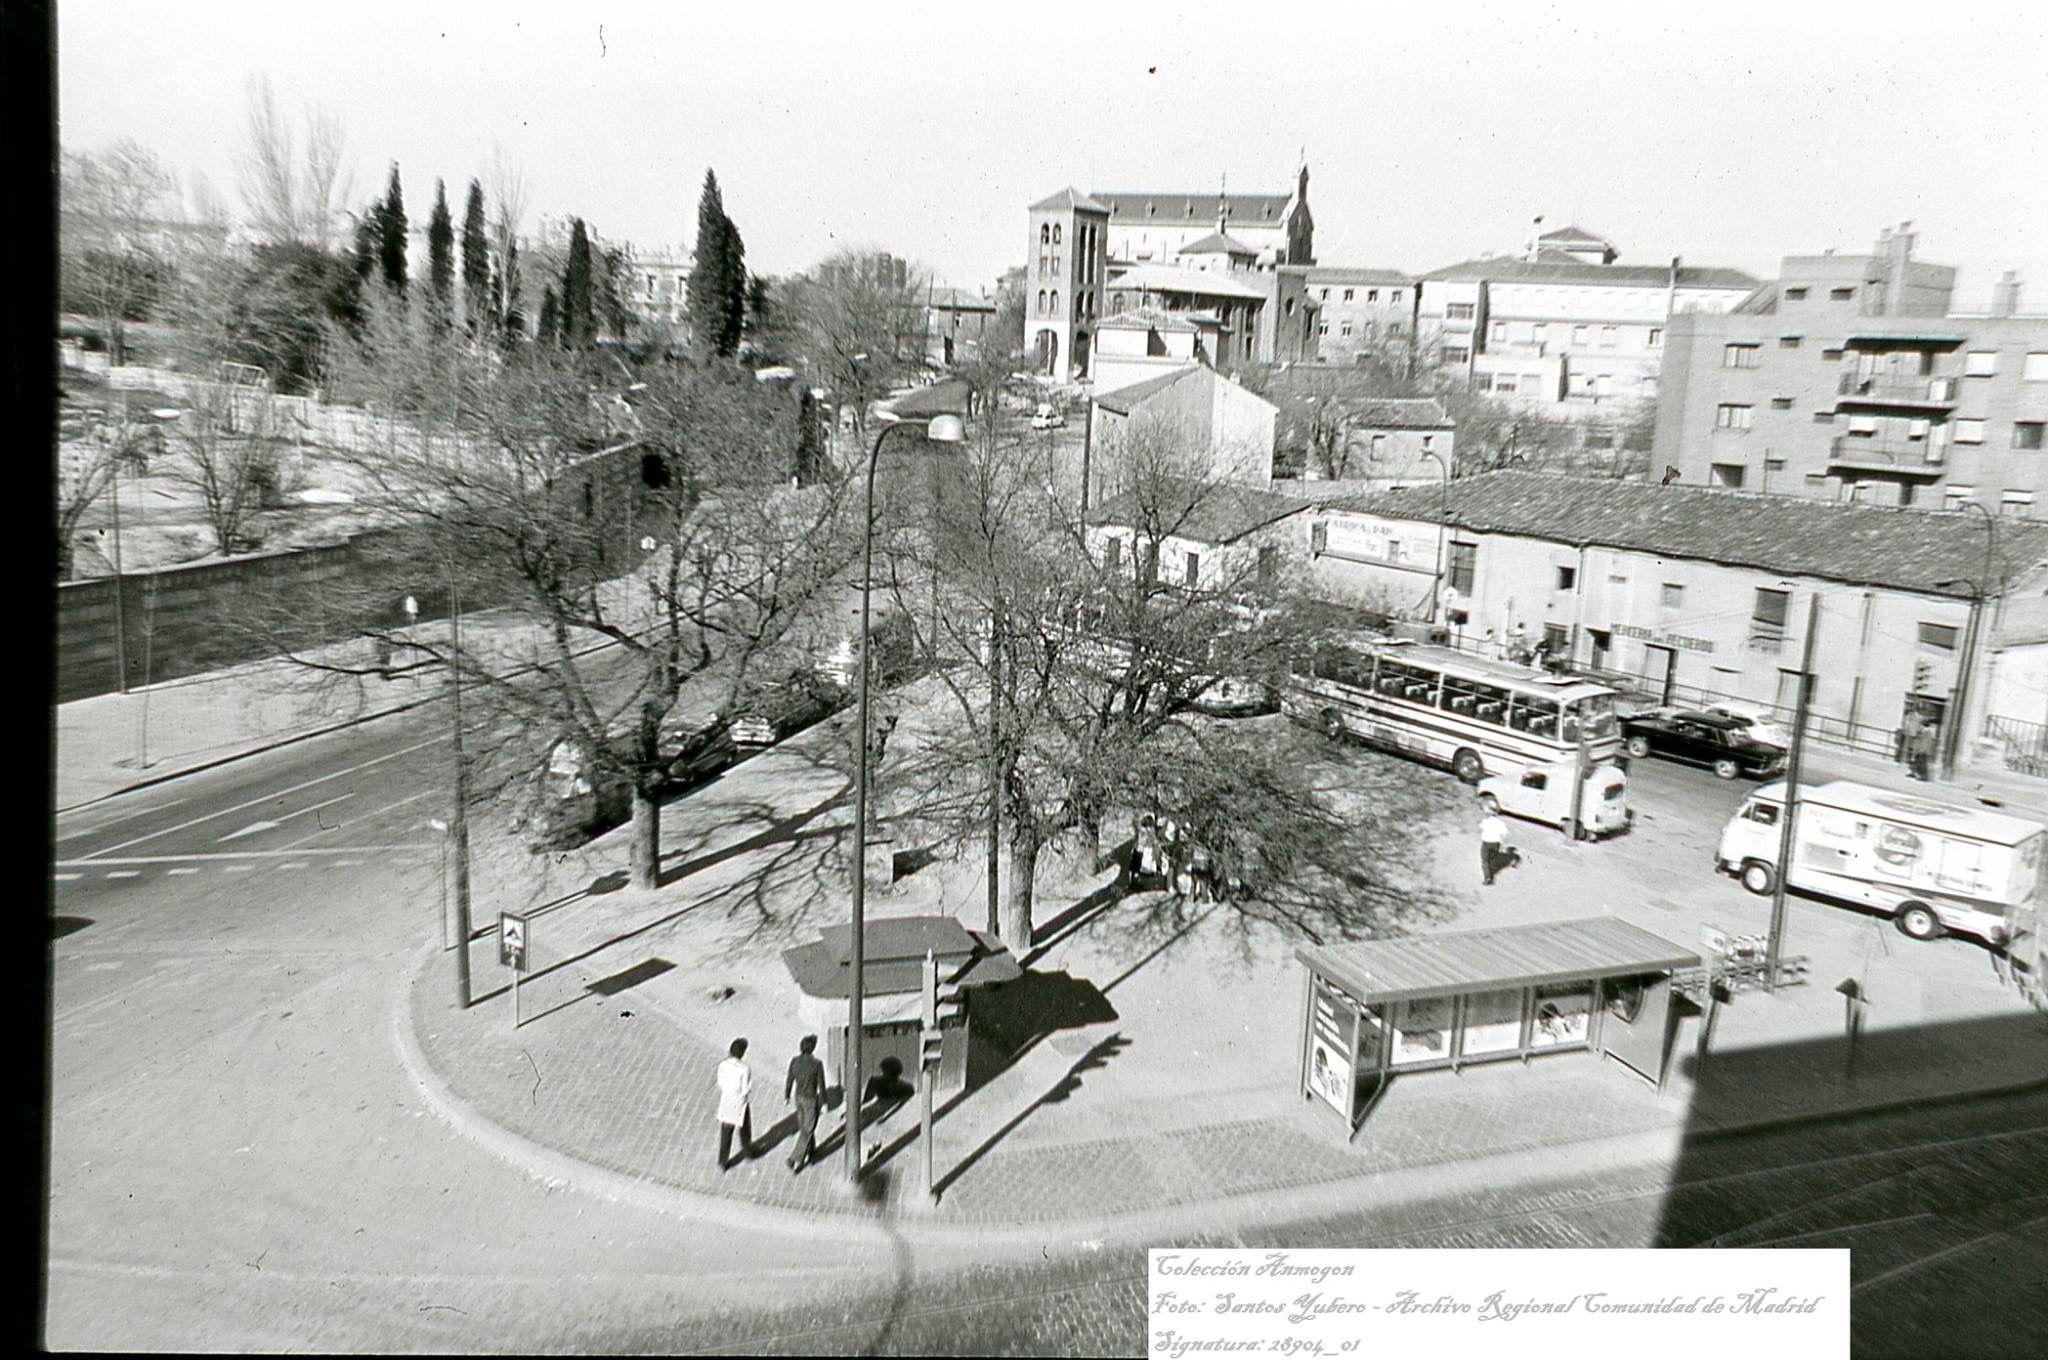 Plaza Duque De Pastrana La Plaza De Mi Colegio En La Parte Inferior La Parada Del Tranvia Autobús Y El Kiosk Imagenes De Madrid Fotografía Antigua Fotografia